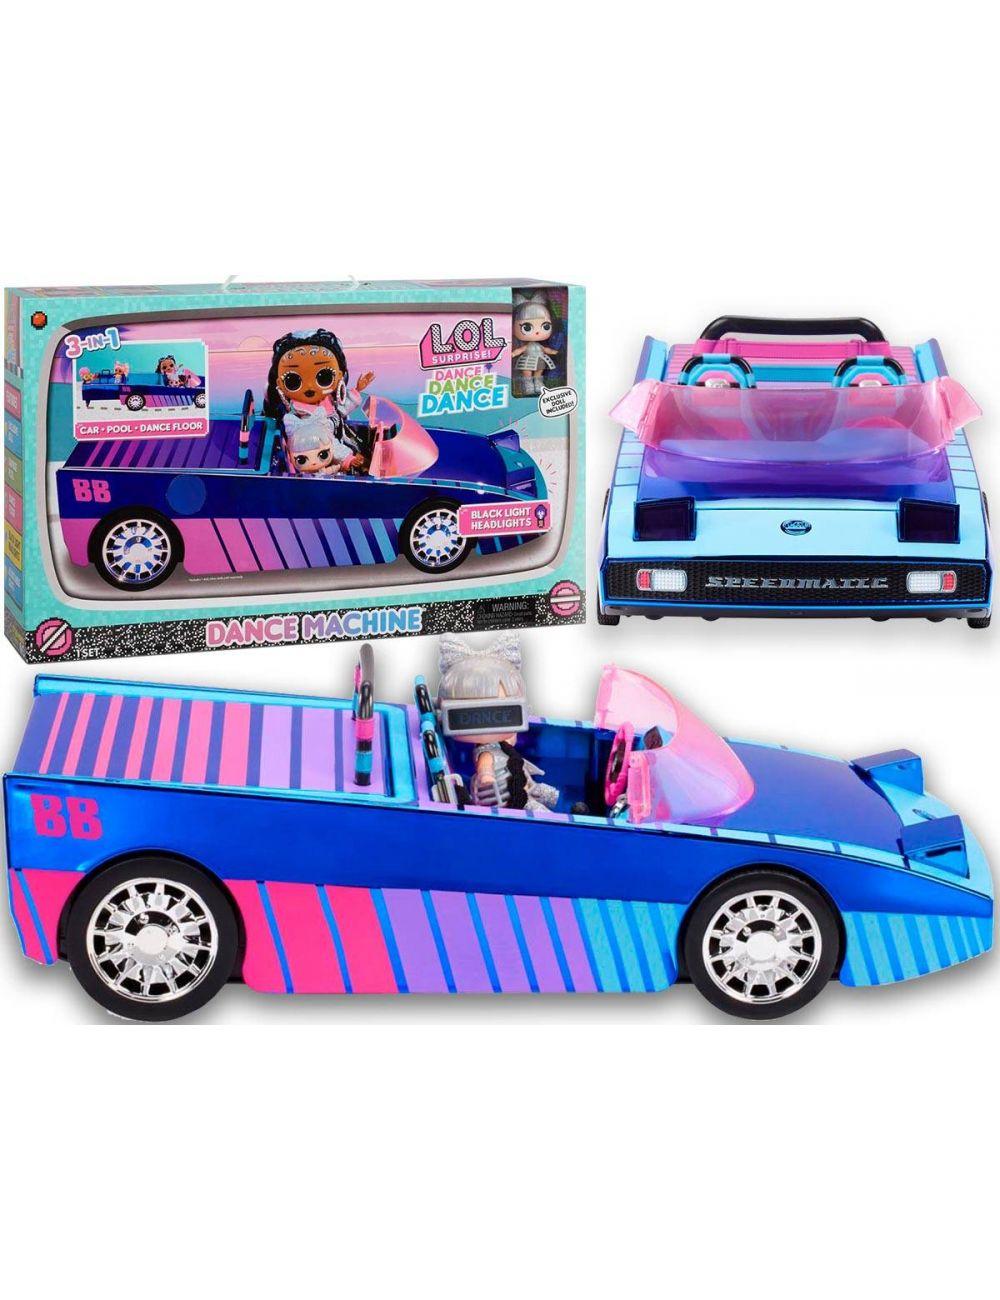 Lol Surprise Dance Dance Dance Ekskluzywny Samochód Dance Machine 577409